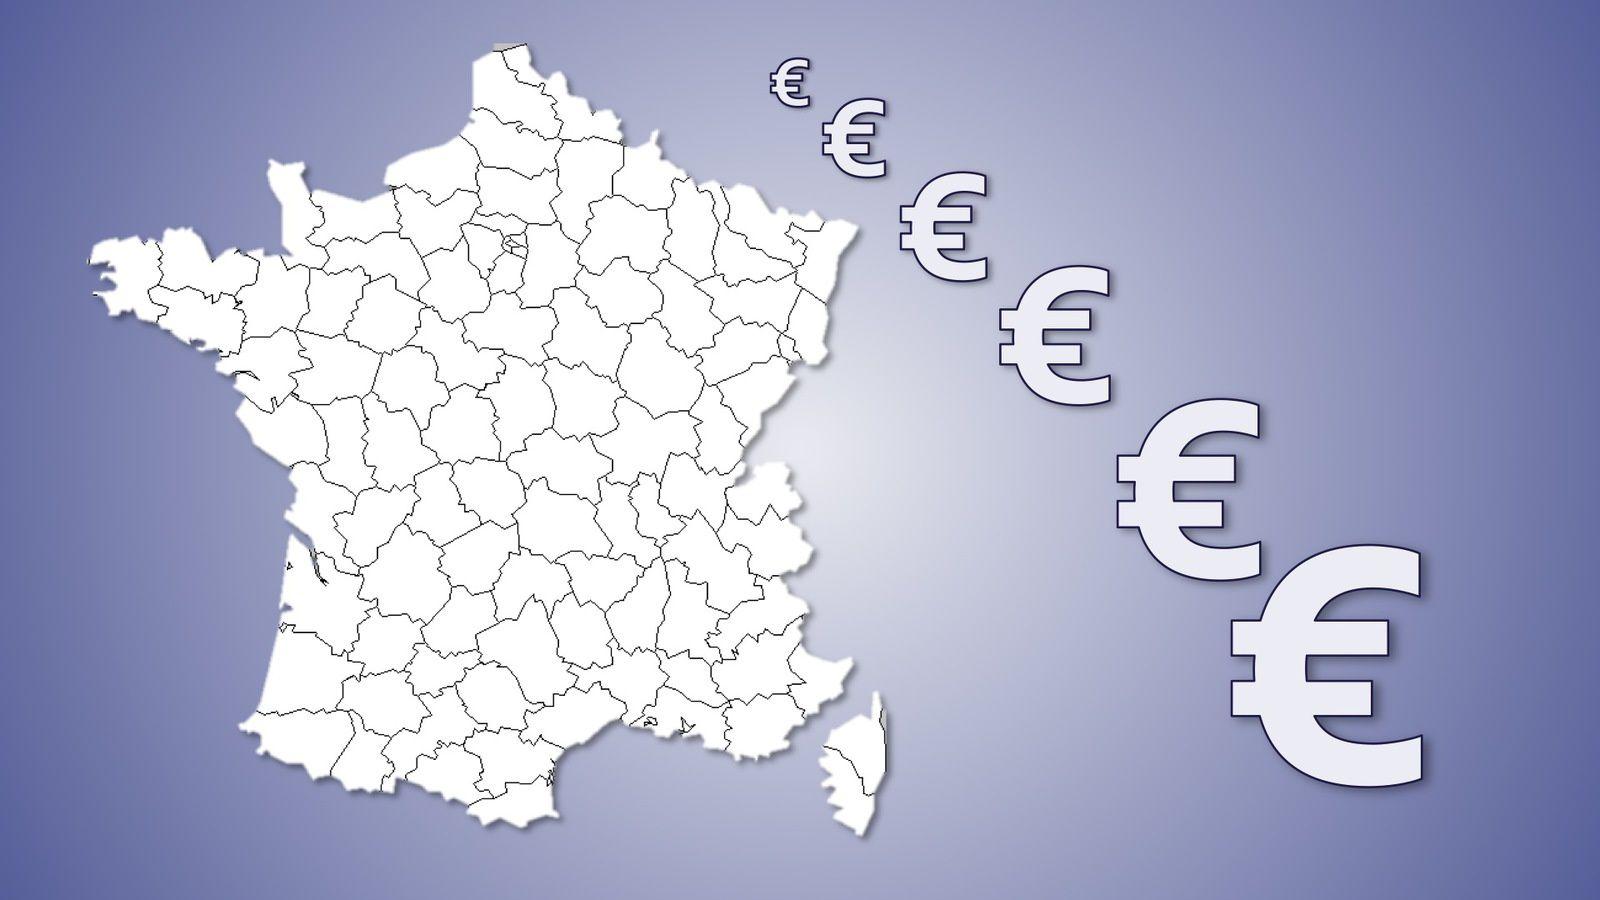 EXCLU - Des différences de prix entre les régions (1/2)